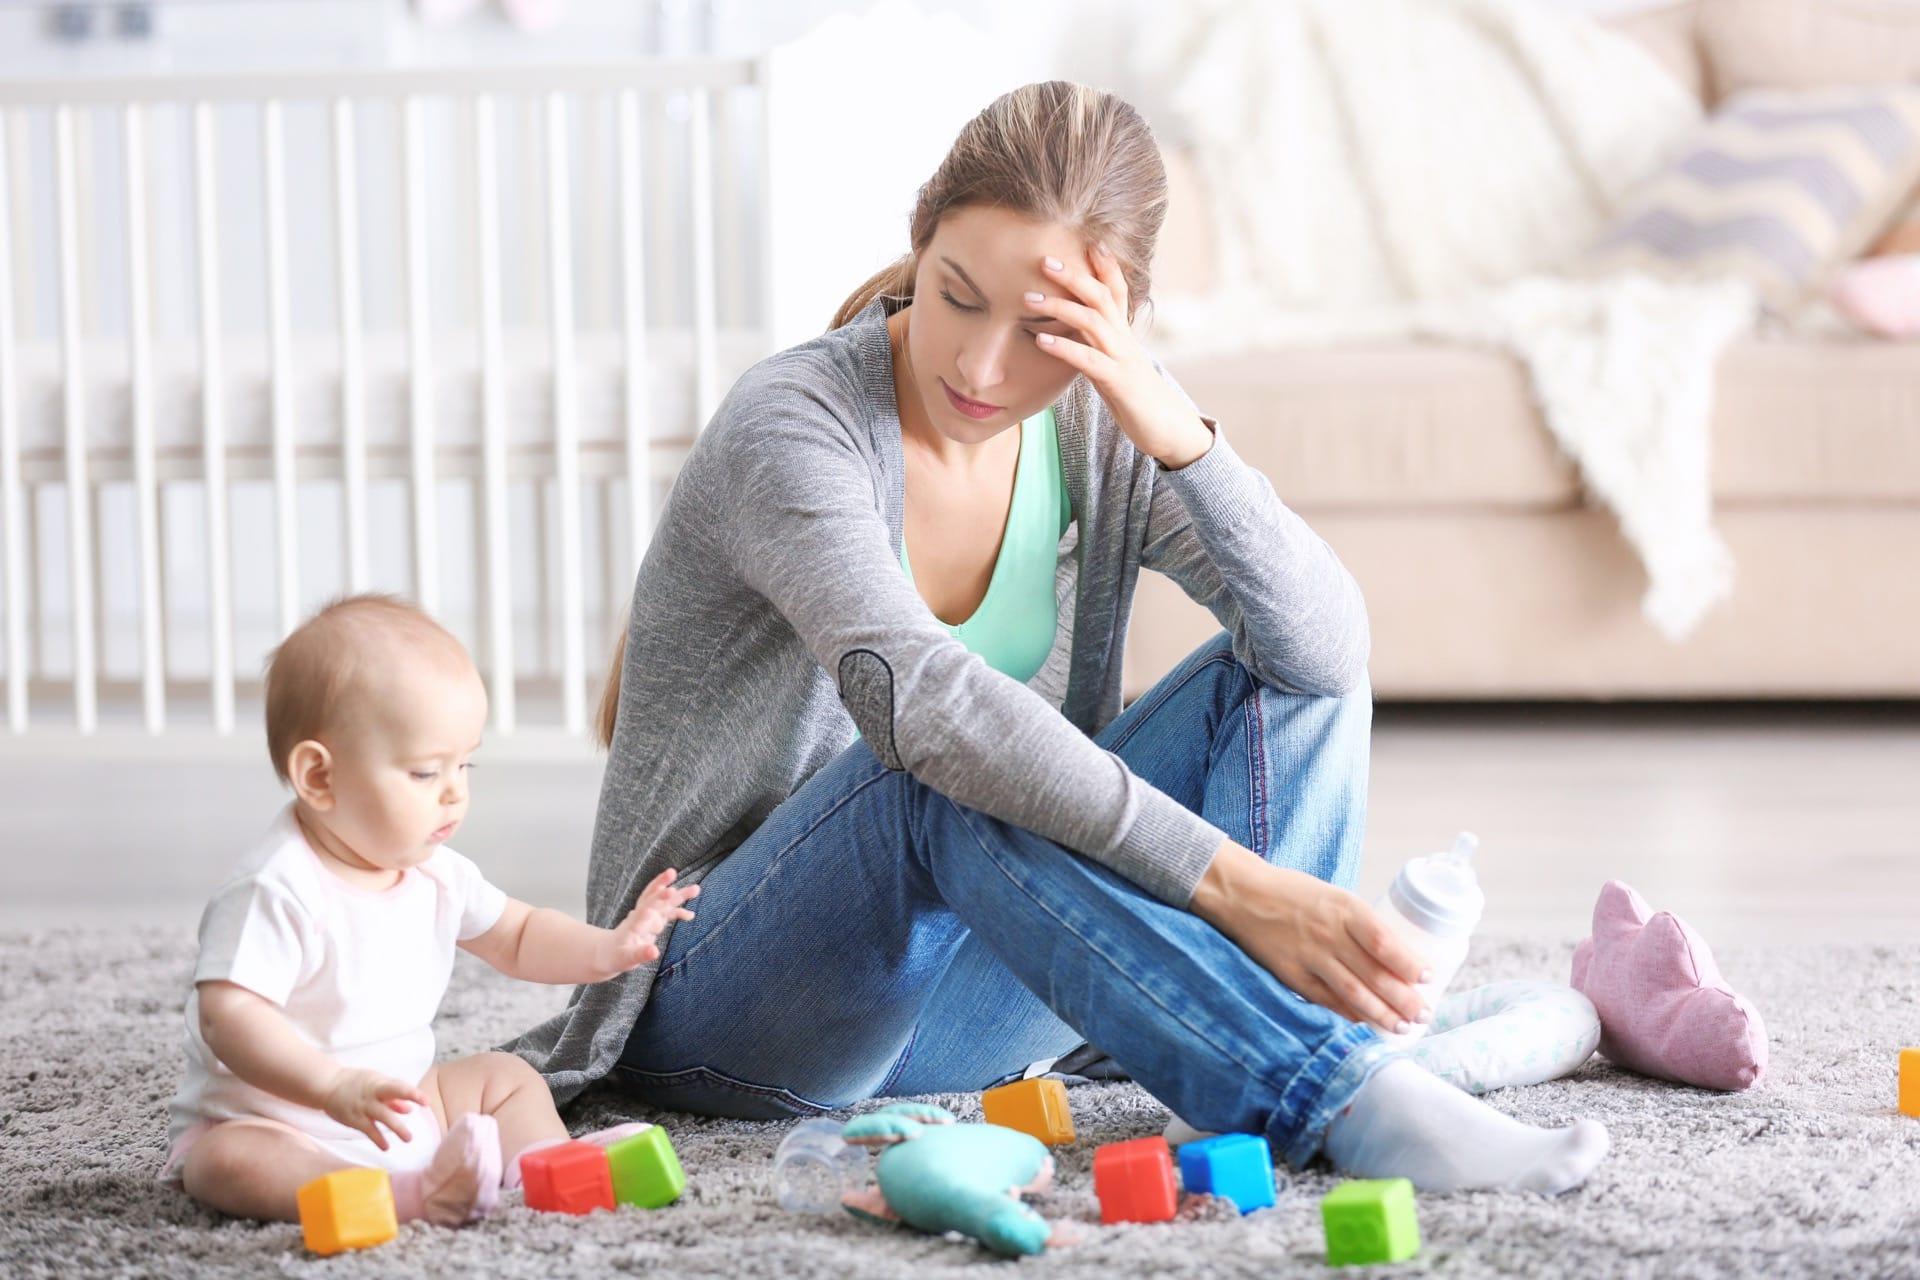 người mẹ trầm cảm khi chơi cùng con